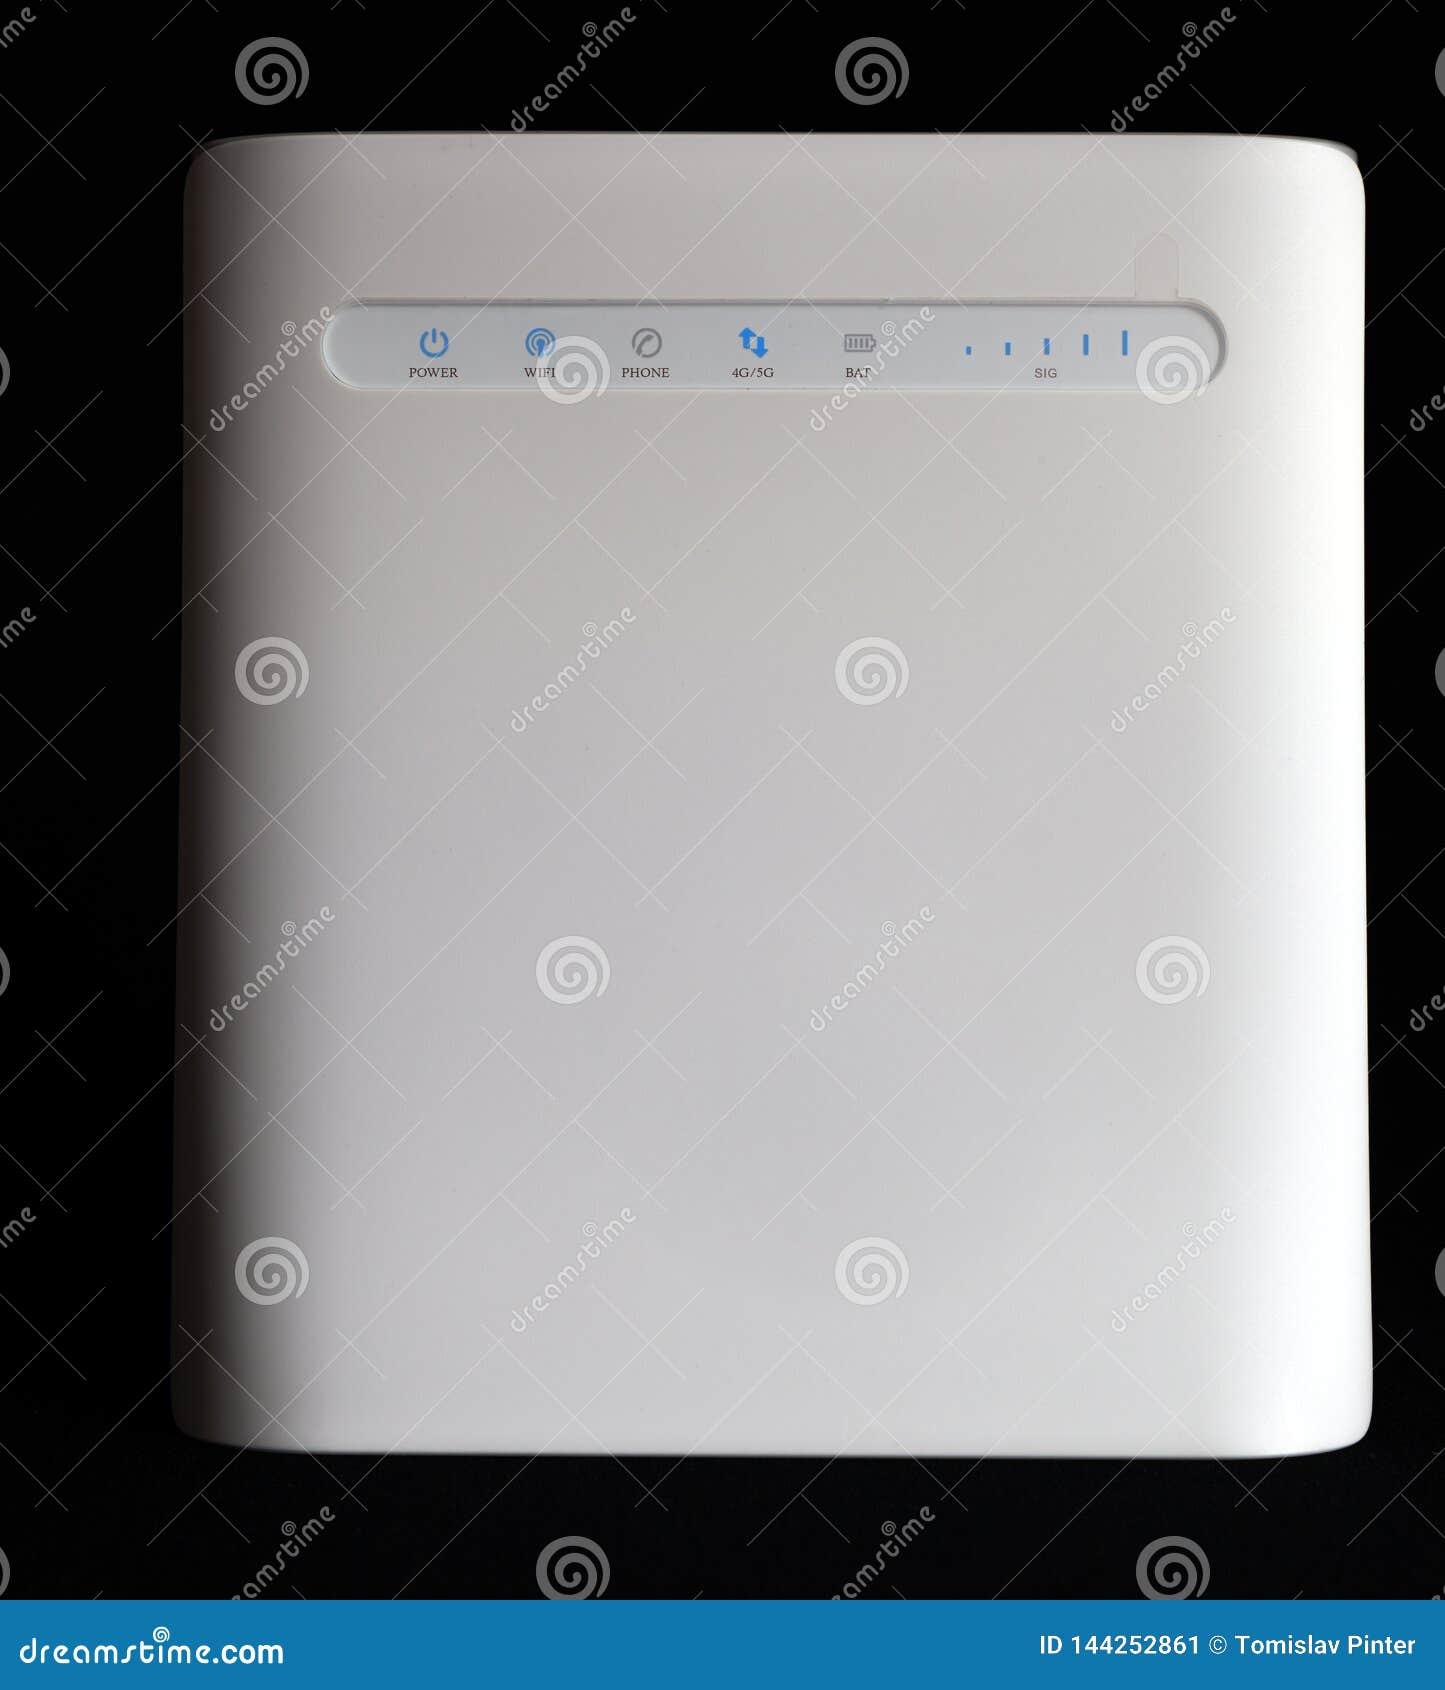 5G modem i router